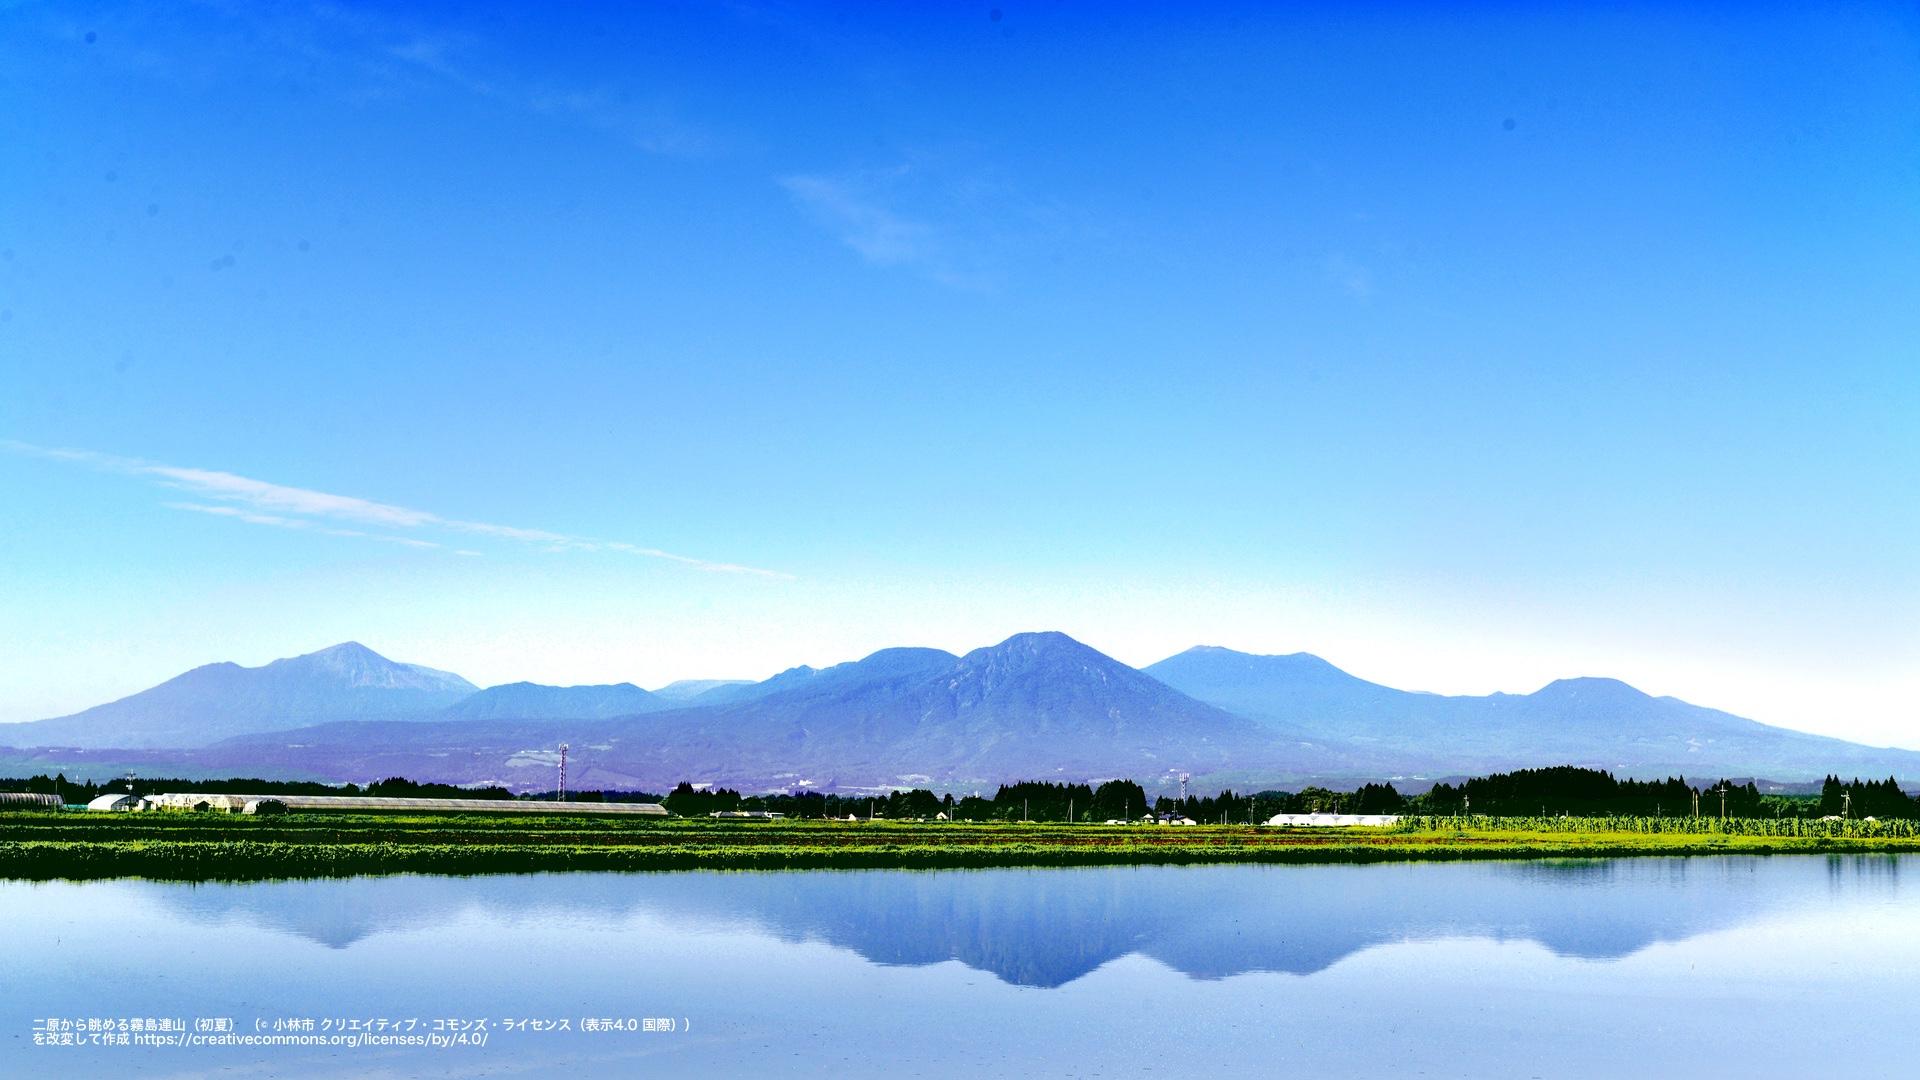 二原から眺める霧島連山(初夏)